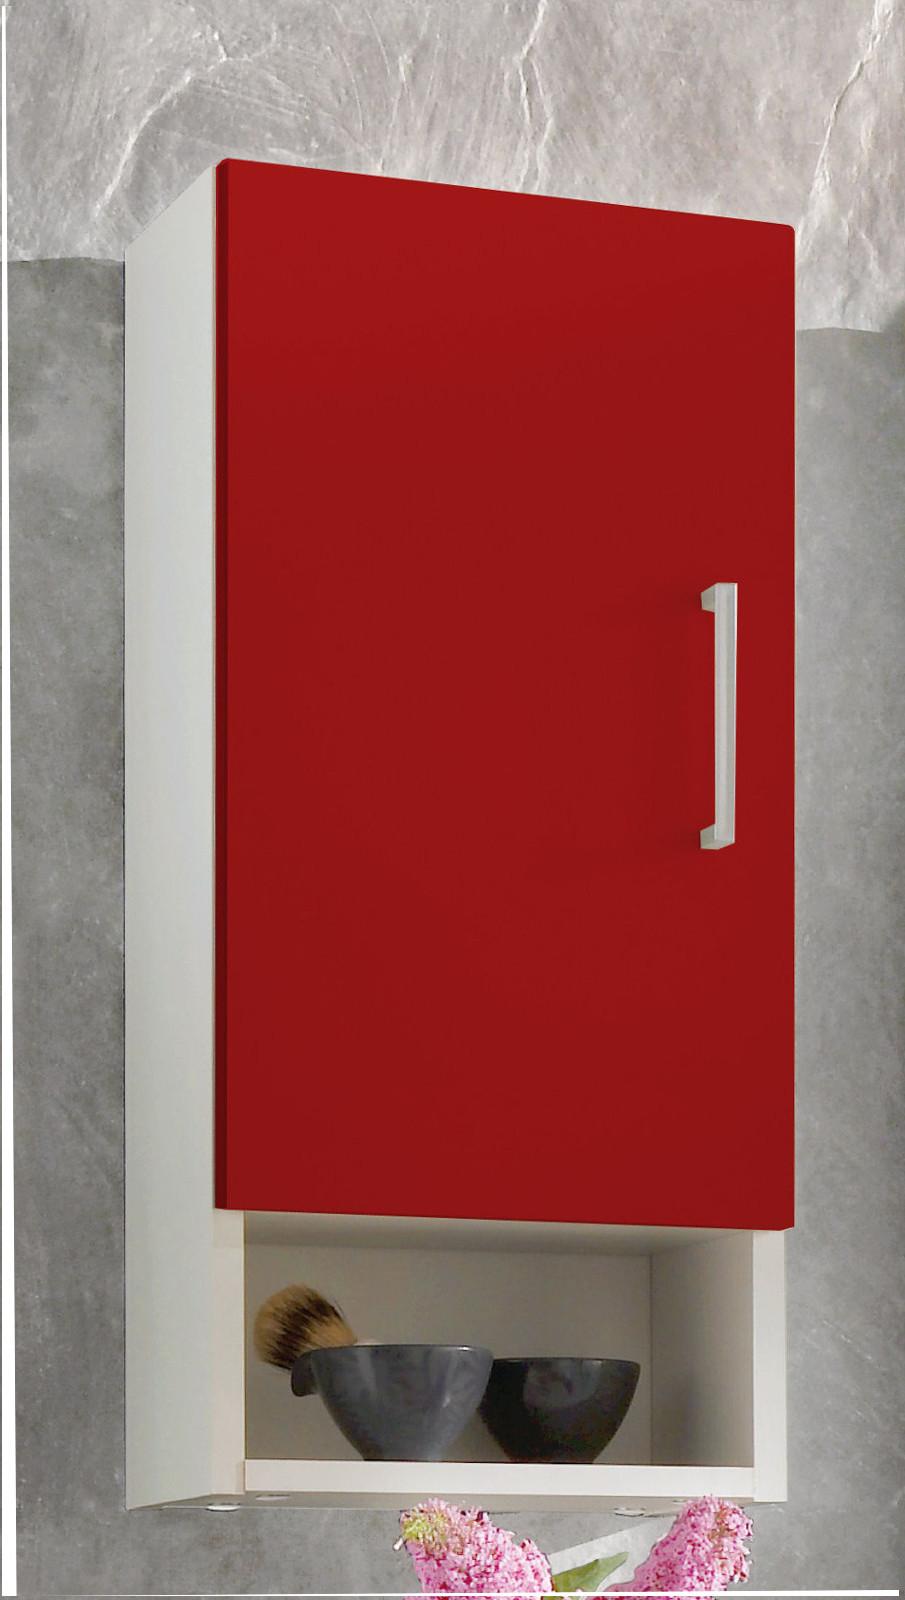 h ngeschrank mit einlegeboden wei rot. Black Bedroom Furniture Sets. Home Design Ideas